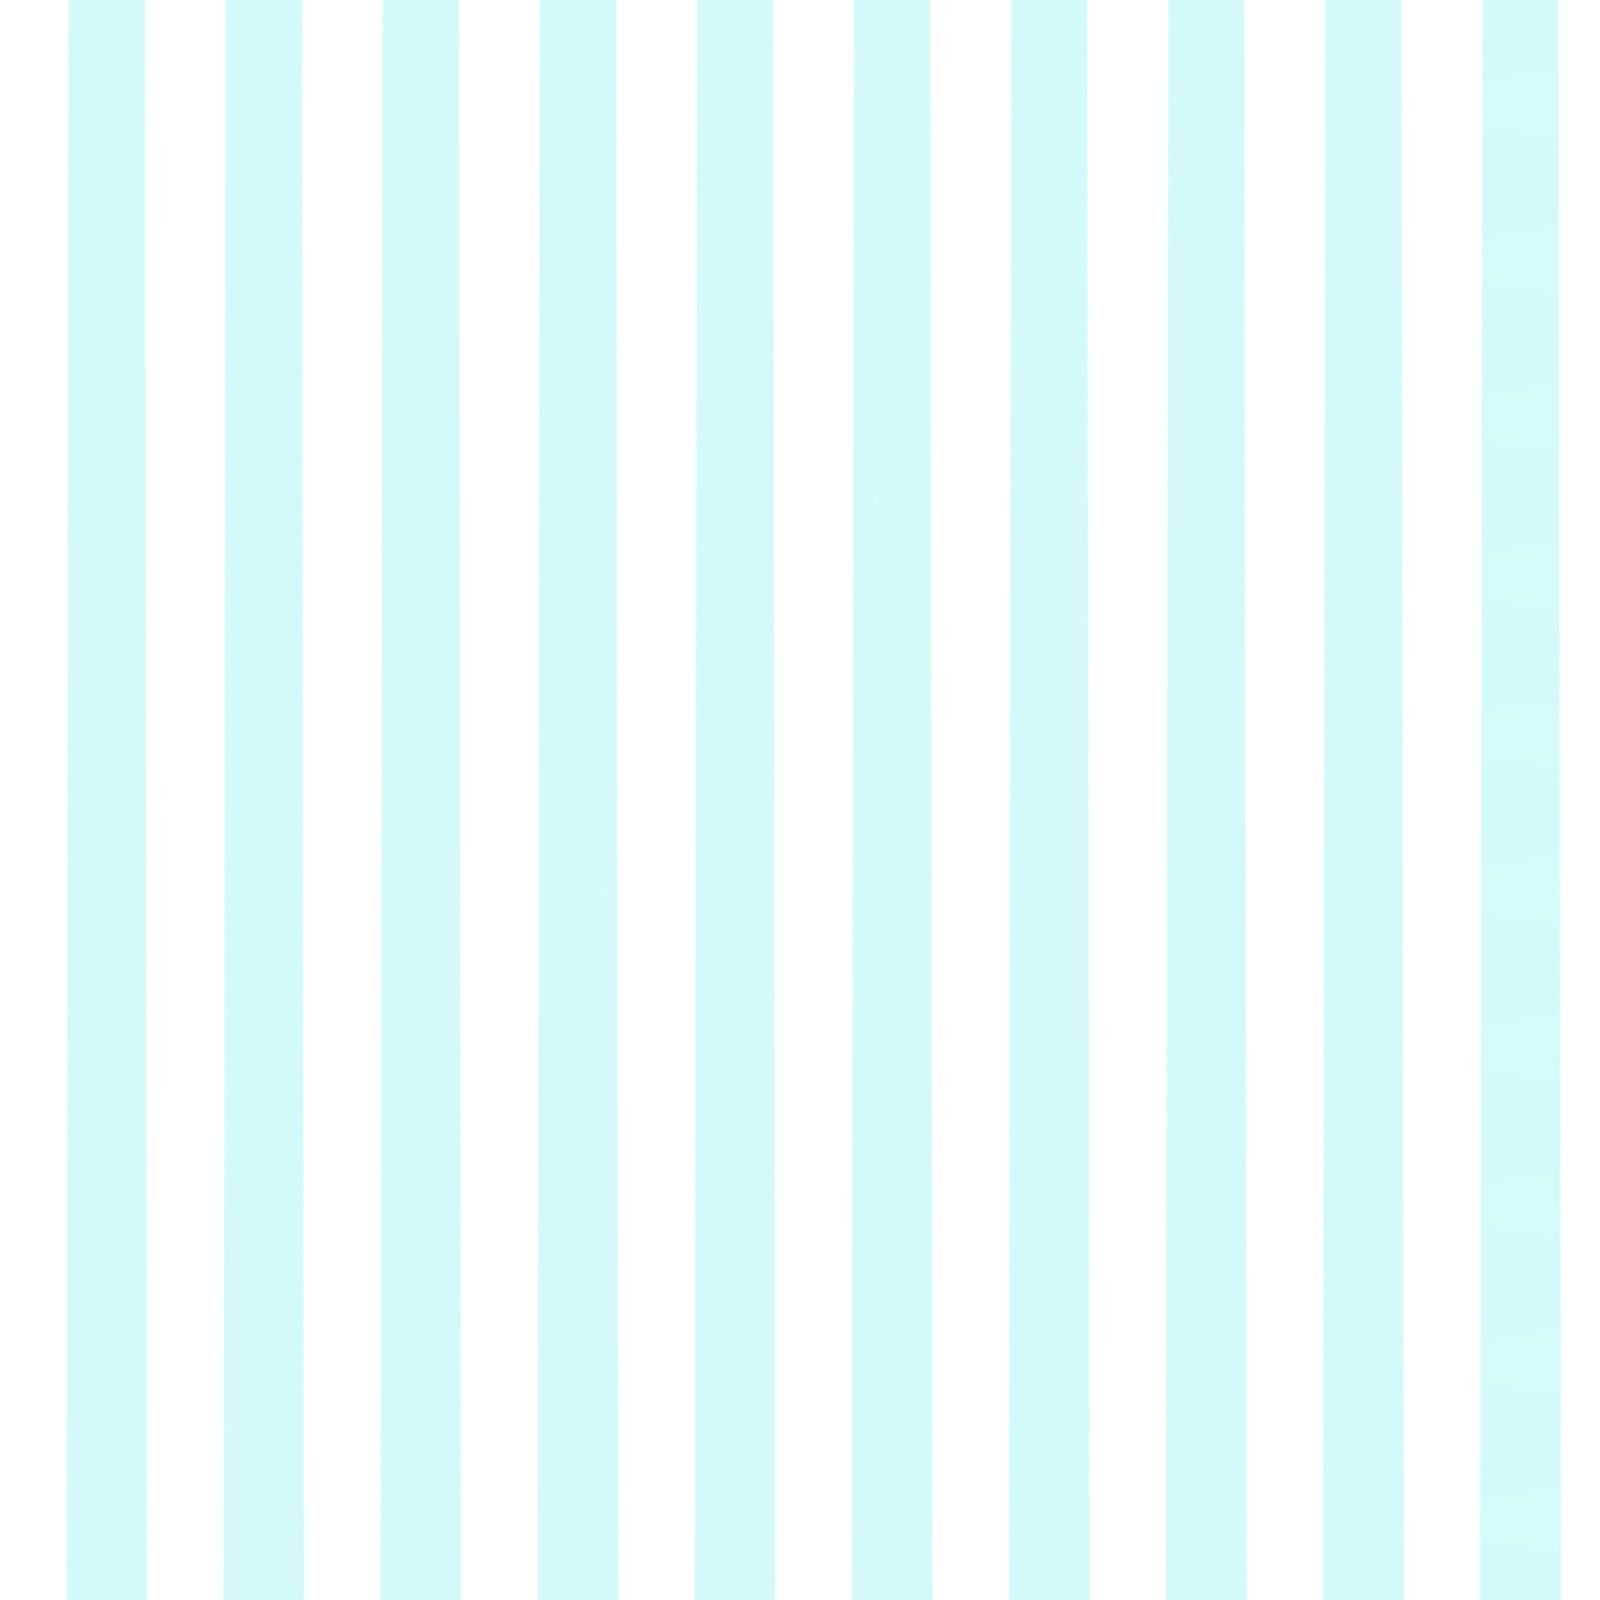 Stampin DAmour Free Digi Scrapbook Paper  Pastel Blue  White